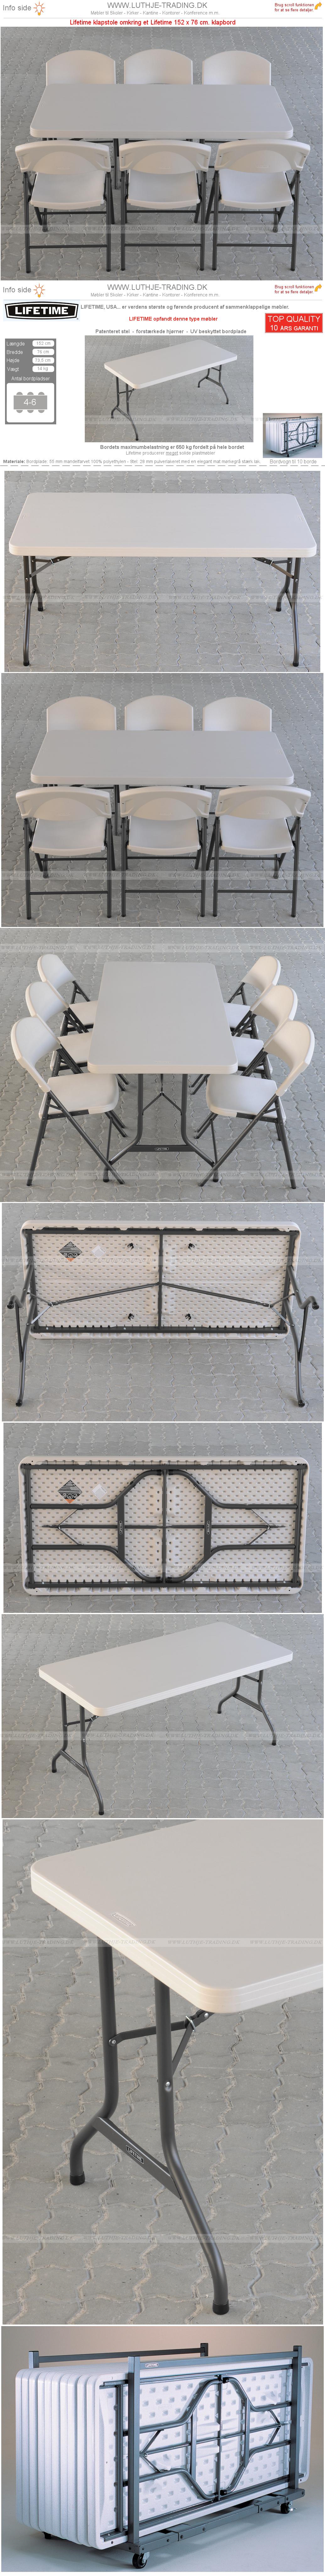 Klapstole med klapbord 152 x 76 cm